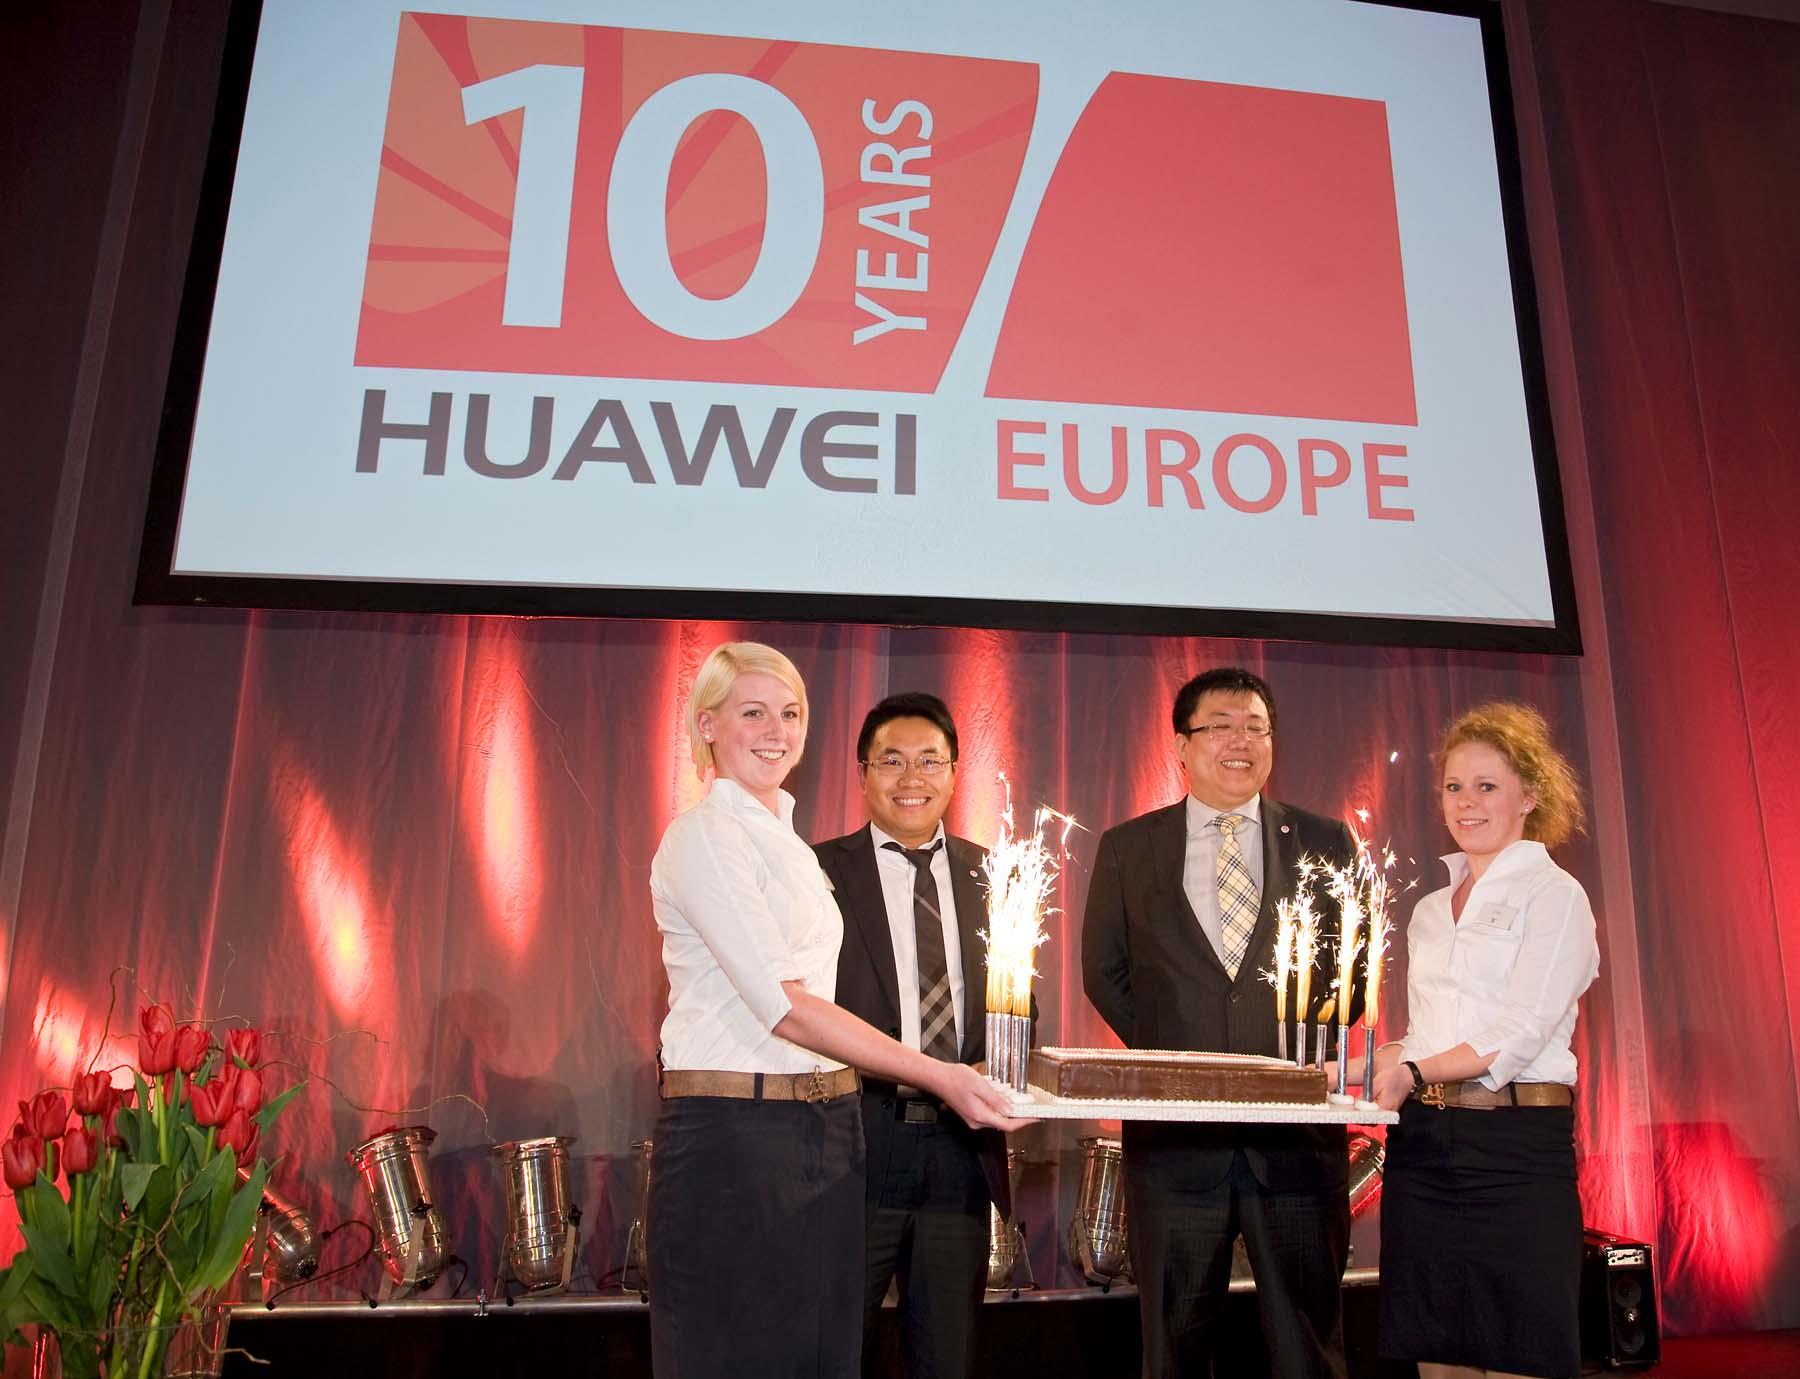 Huawei 10542